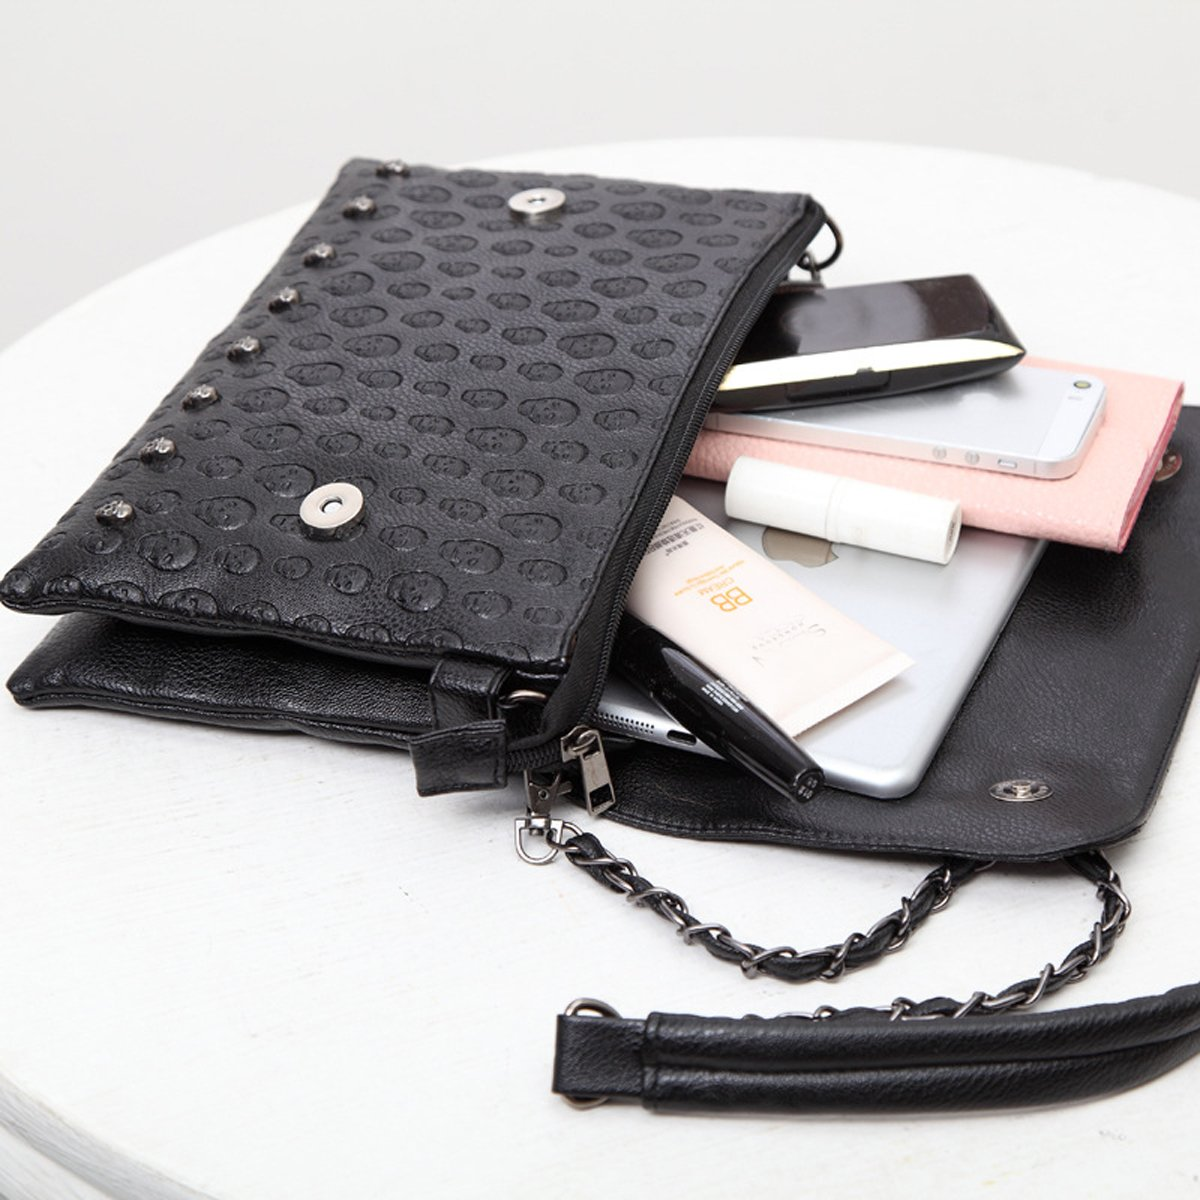 Amazon.com: e-clover Vintage calavera sobre embrague bolso ...